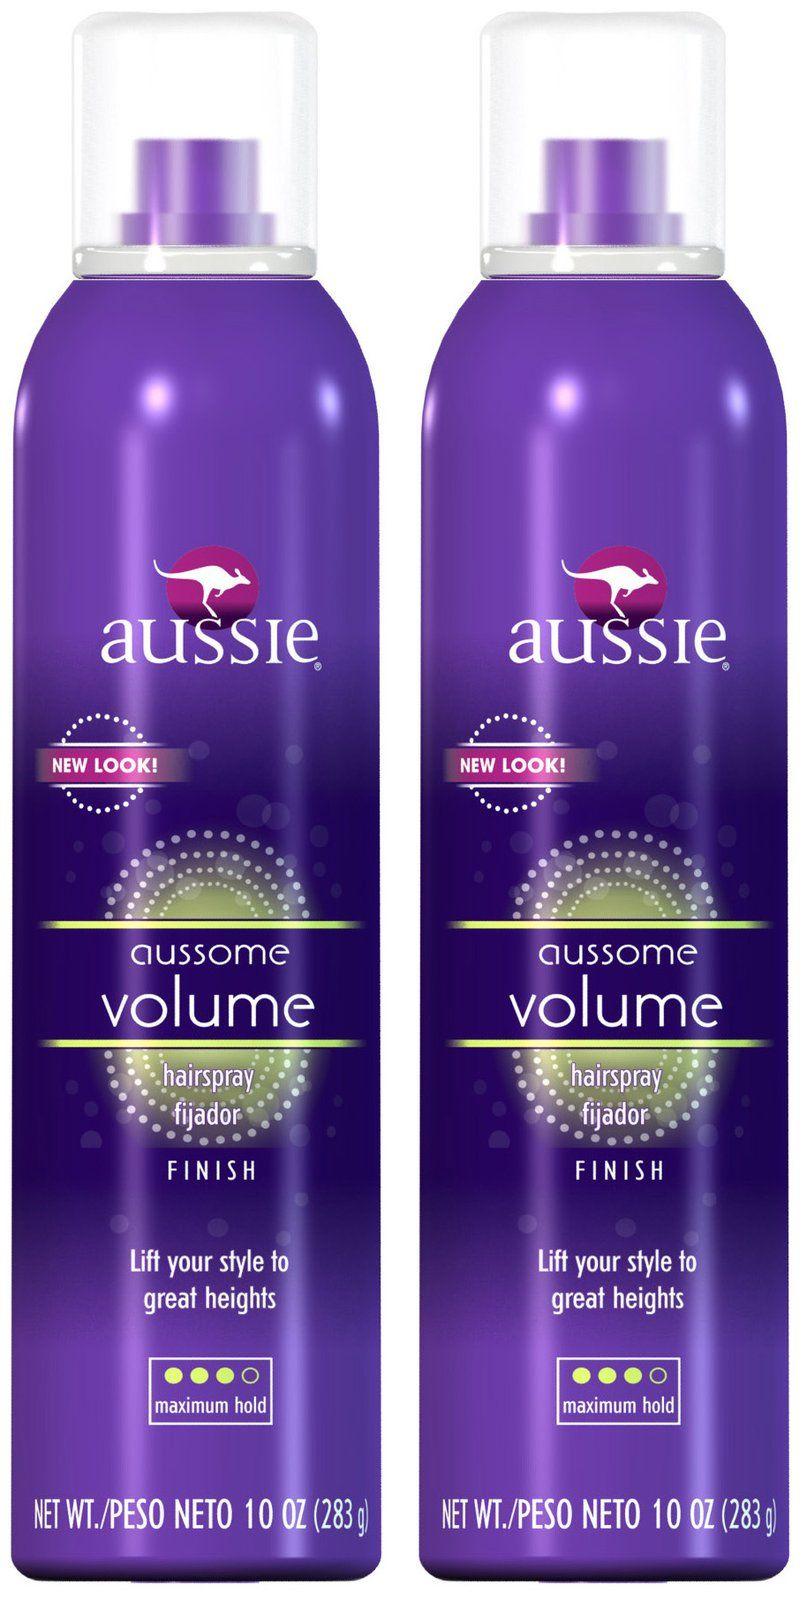 Aussie Aussome Volume Aerosol Hair Spray Hair Volume Spray Aussie Hair Products Hairspray